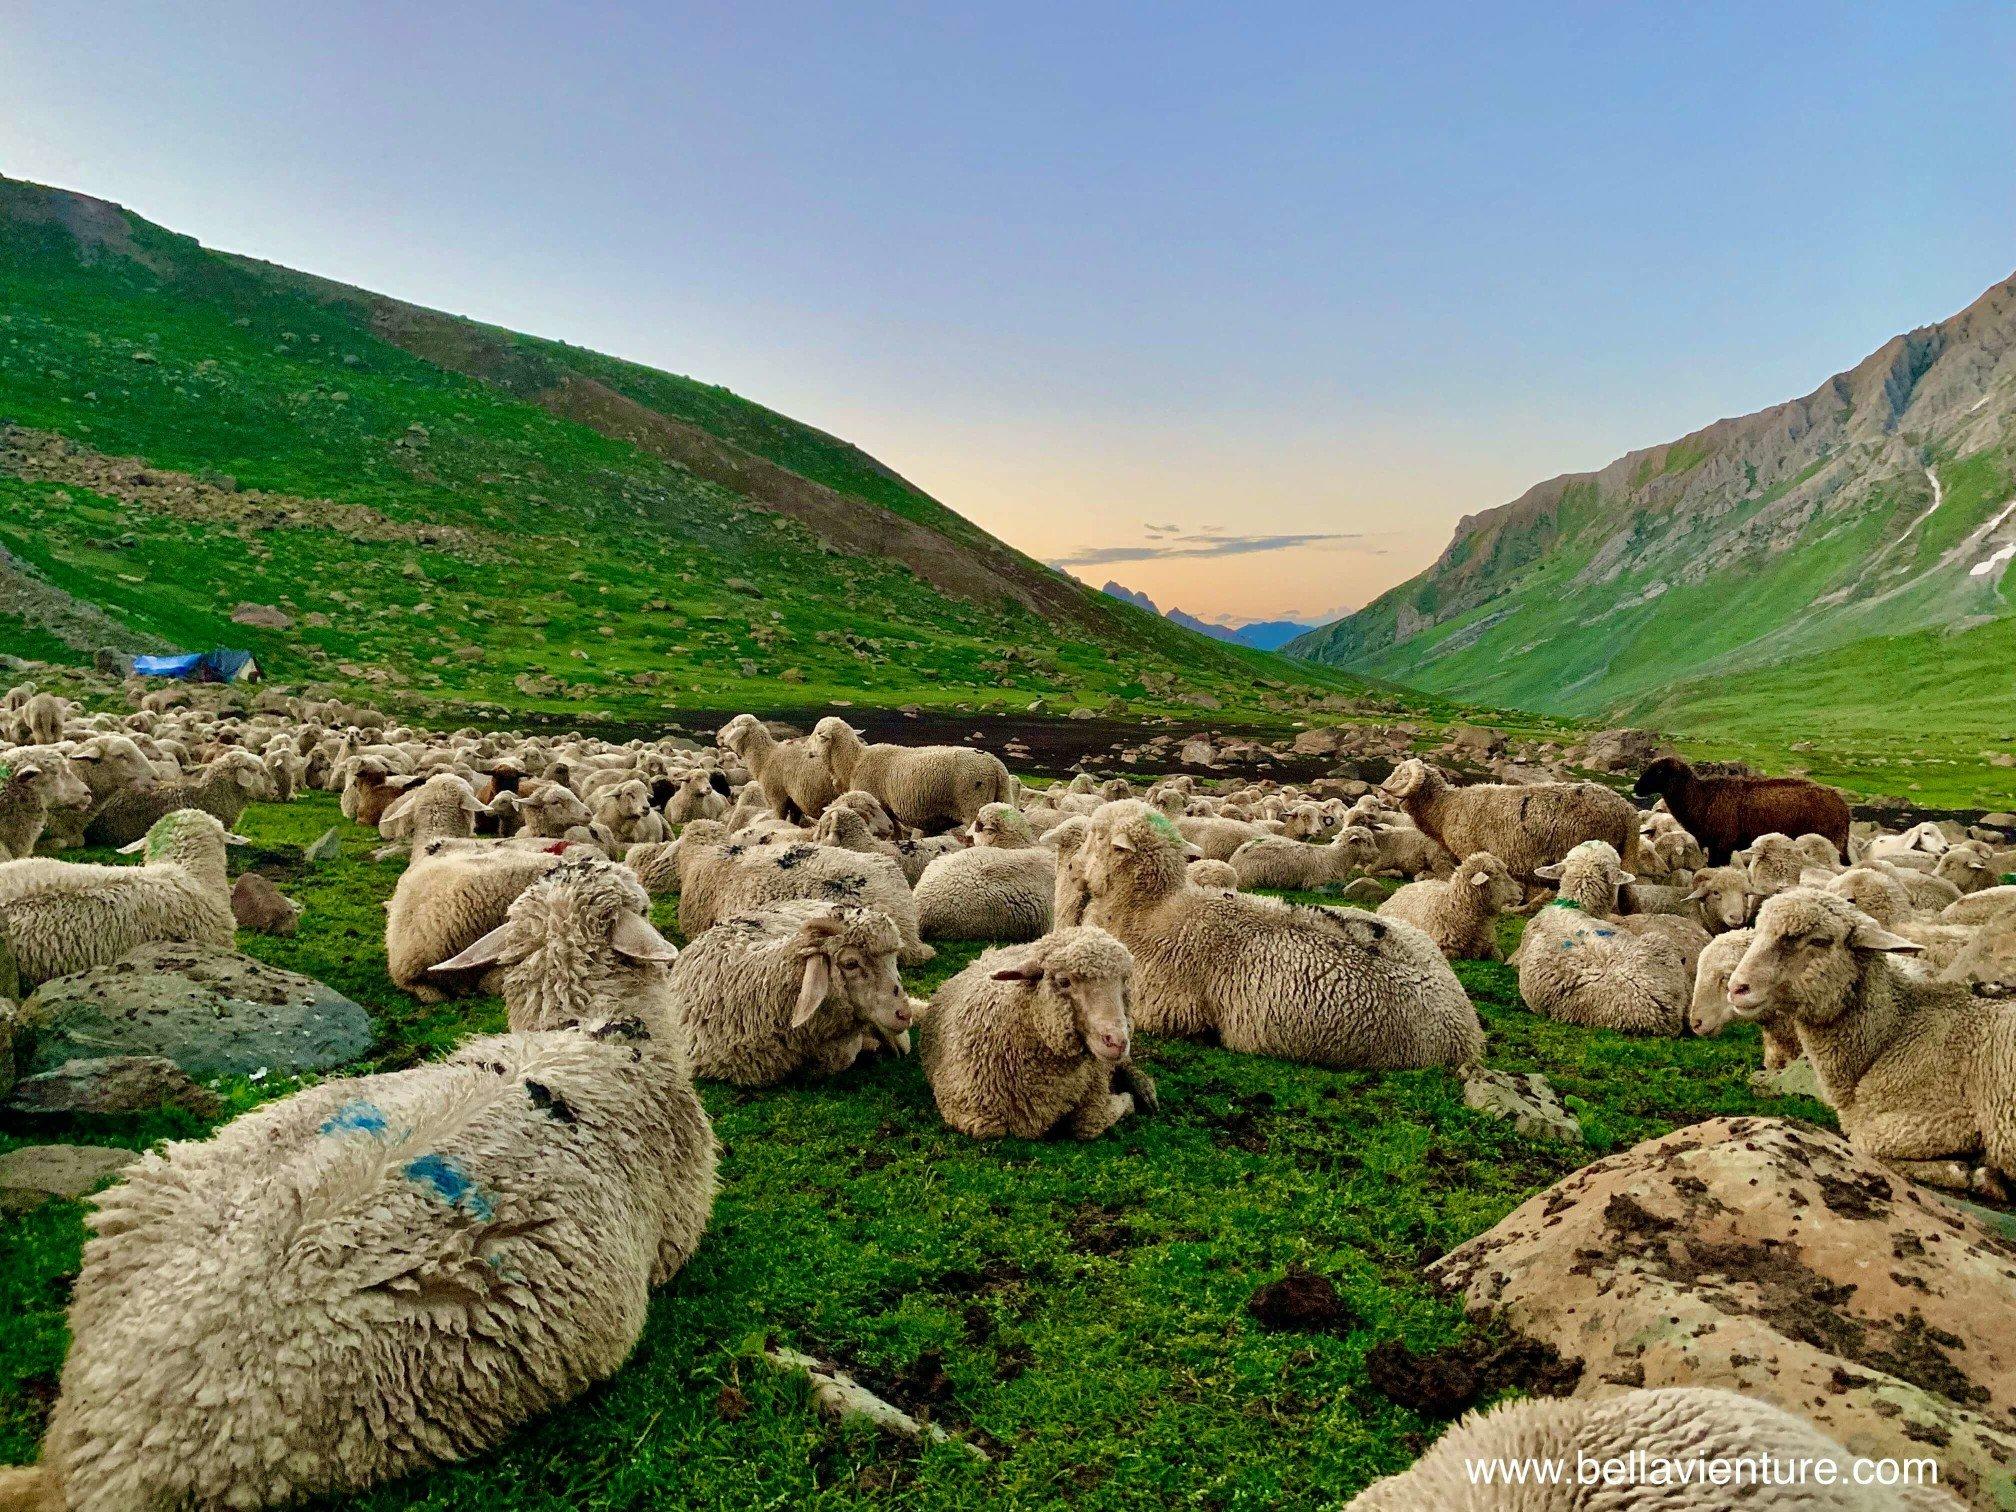 印度 India 北北印 North India 喀什米爾  Kashmir 八天七夜 健行 Nichnai Valley 傍晚被趕回來的千隻綿羊